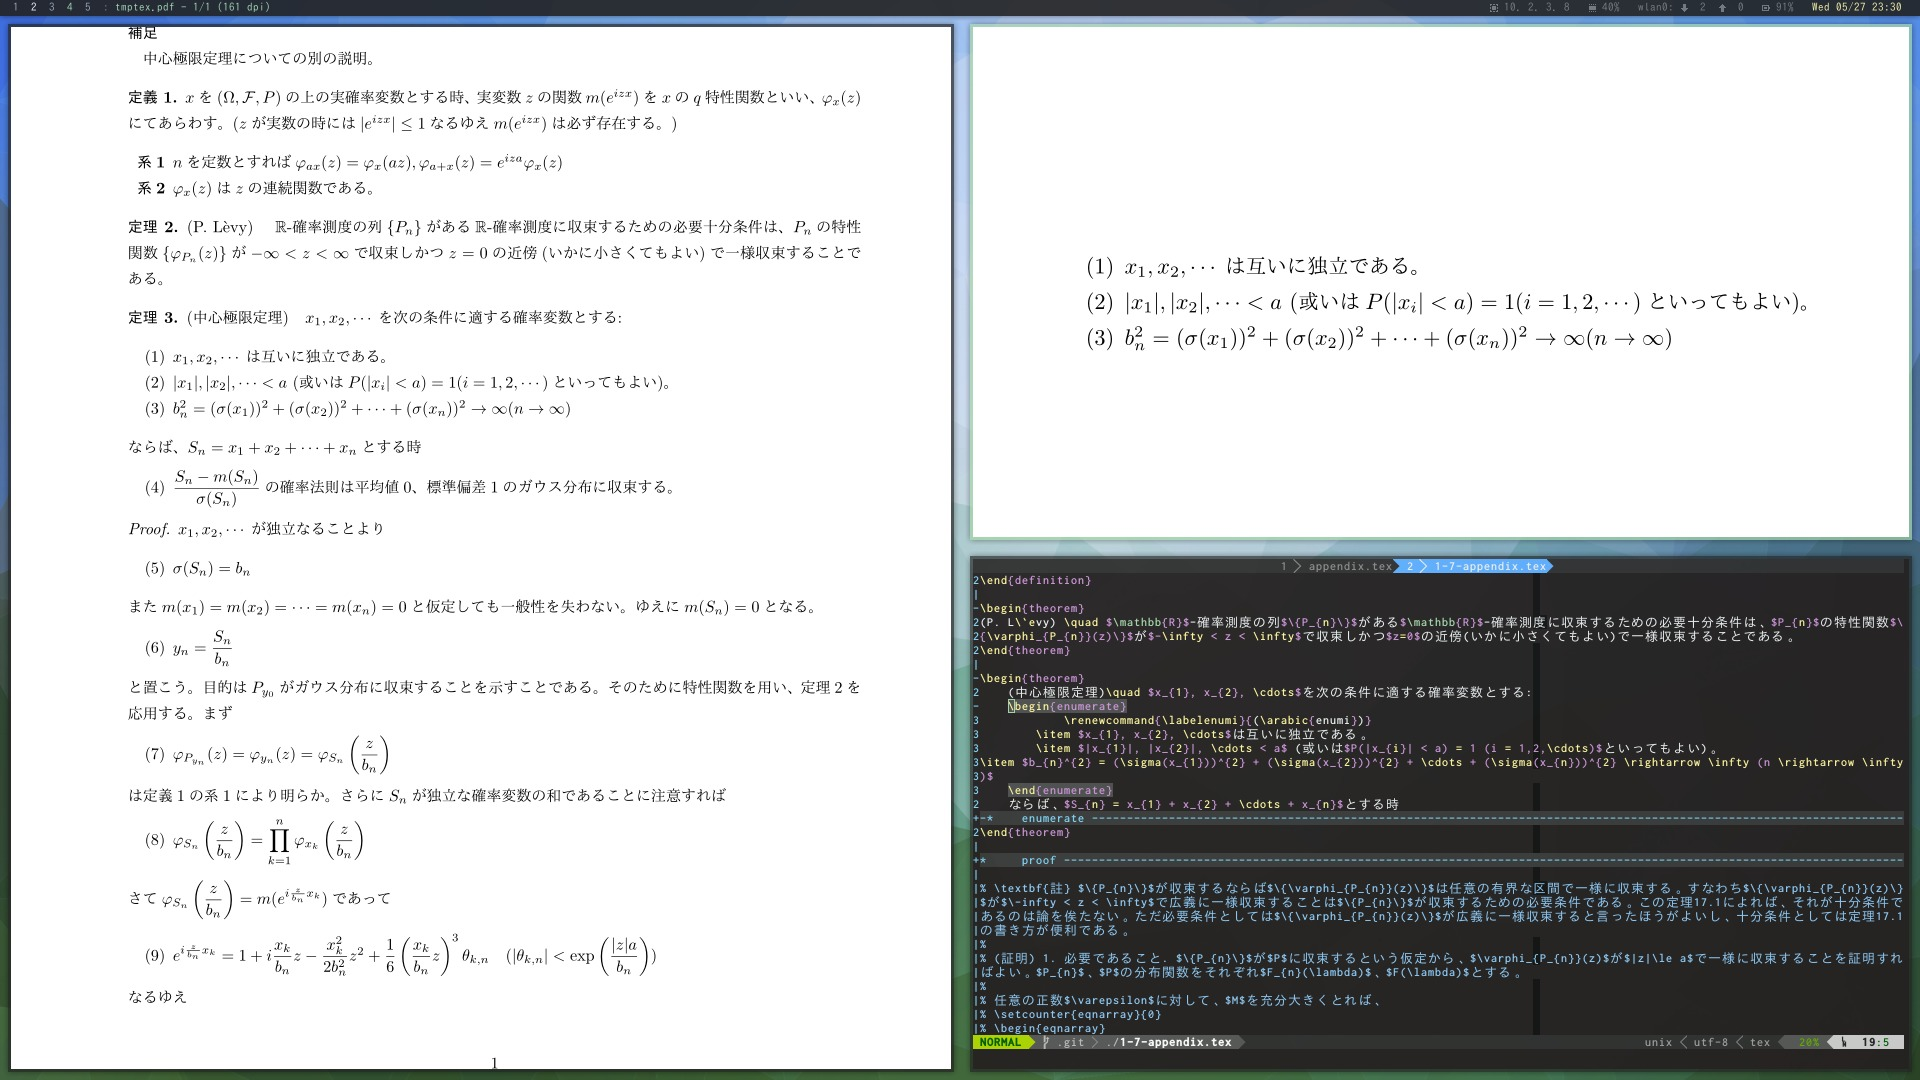 screen_004.jpg